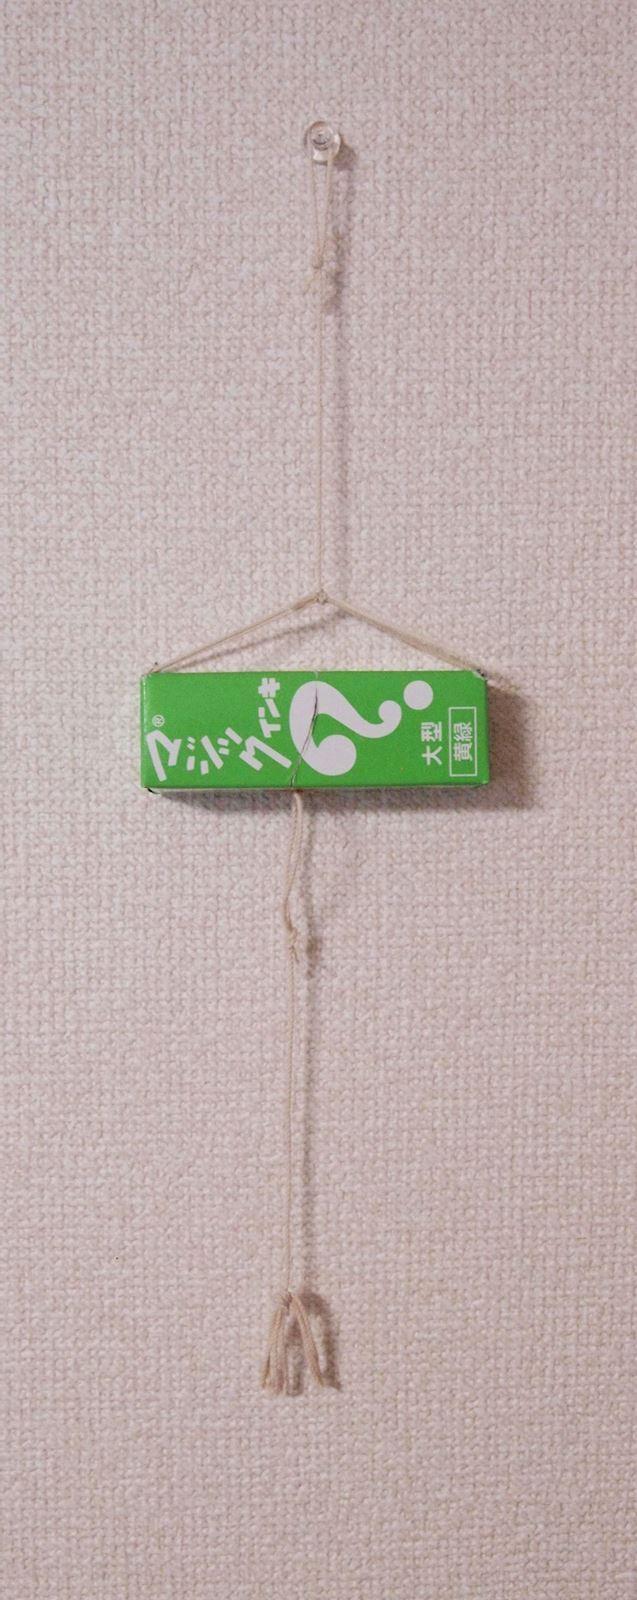 箱型くすだま 極小型 マジックインキの空き箱(黄緑)